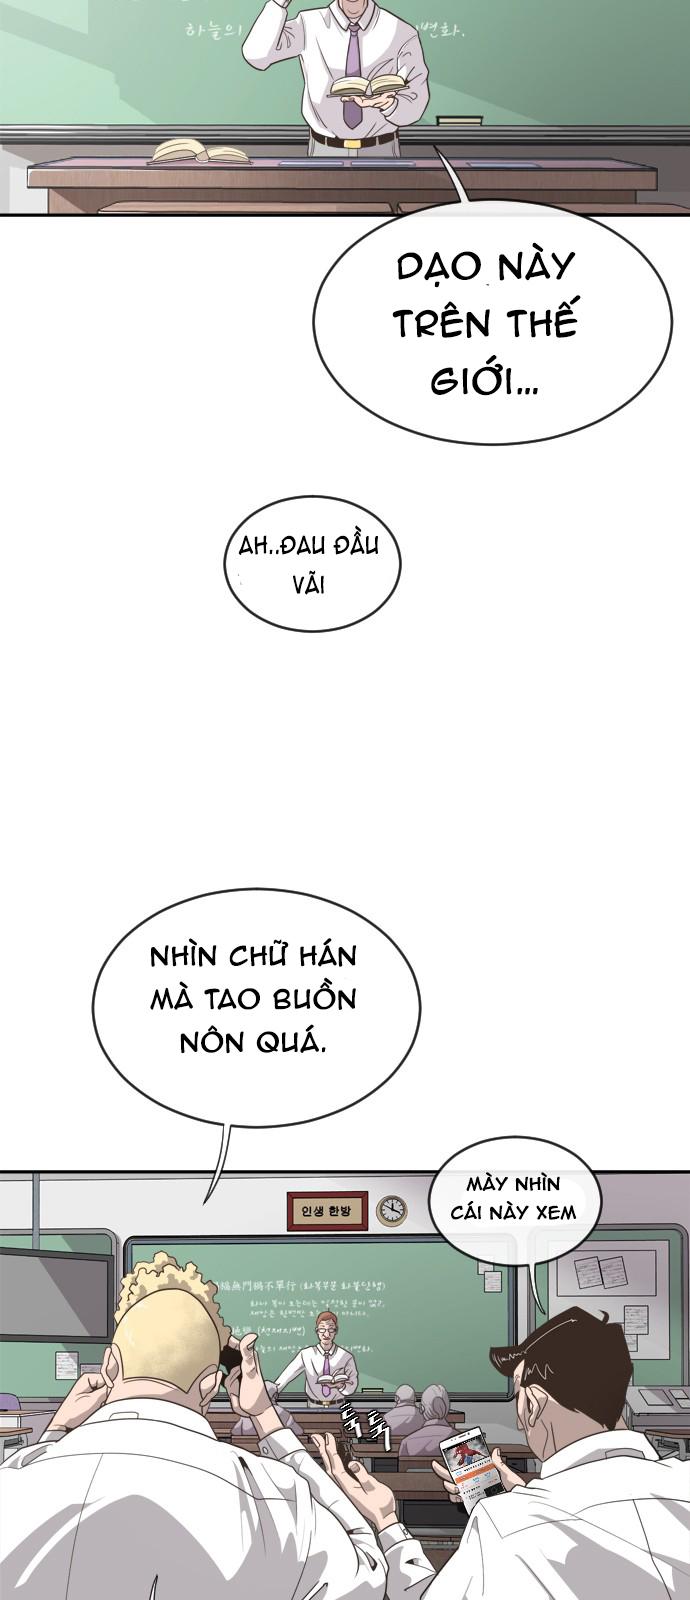 Kĩ Nguyên Của Anh Hùng chap 2 - Trang 8